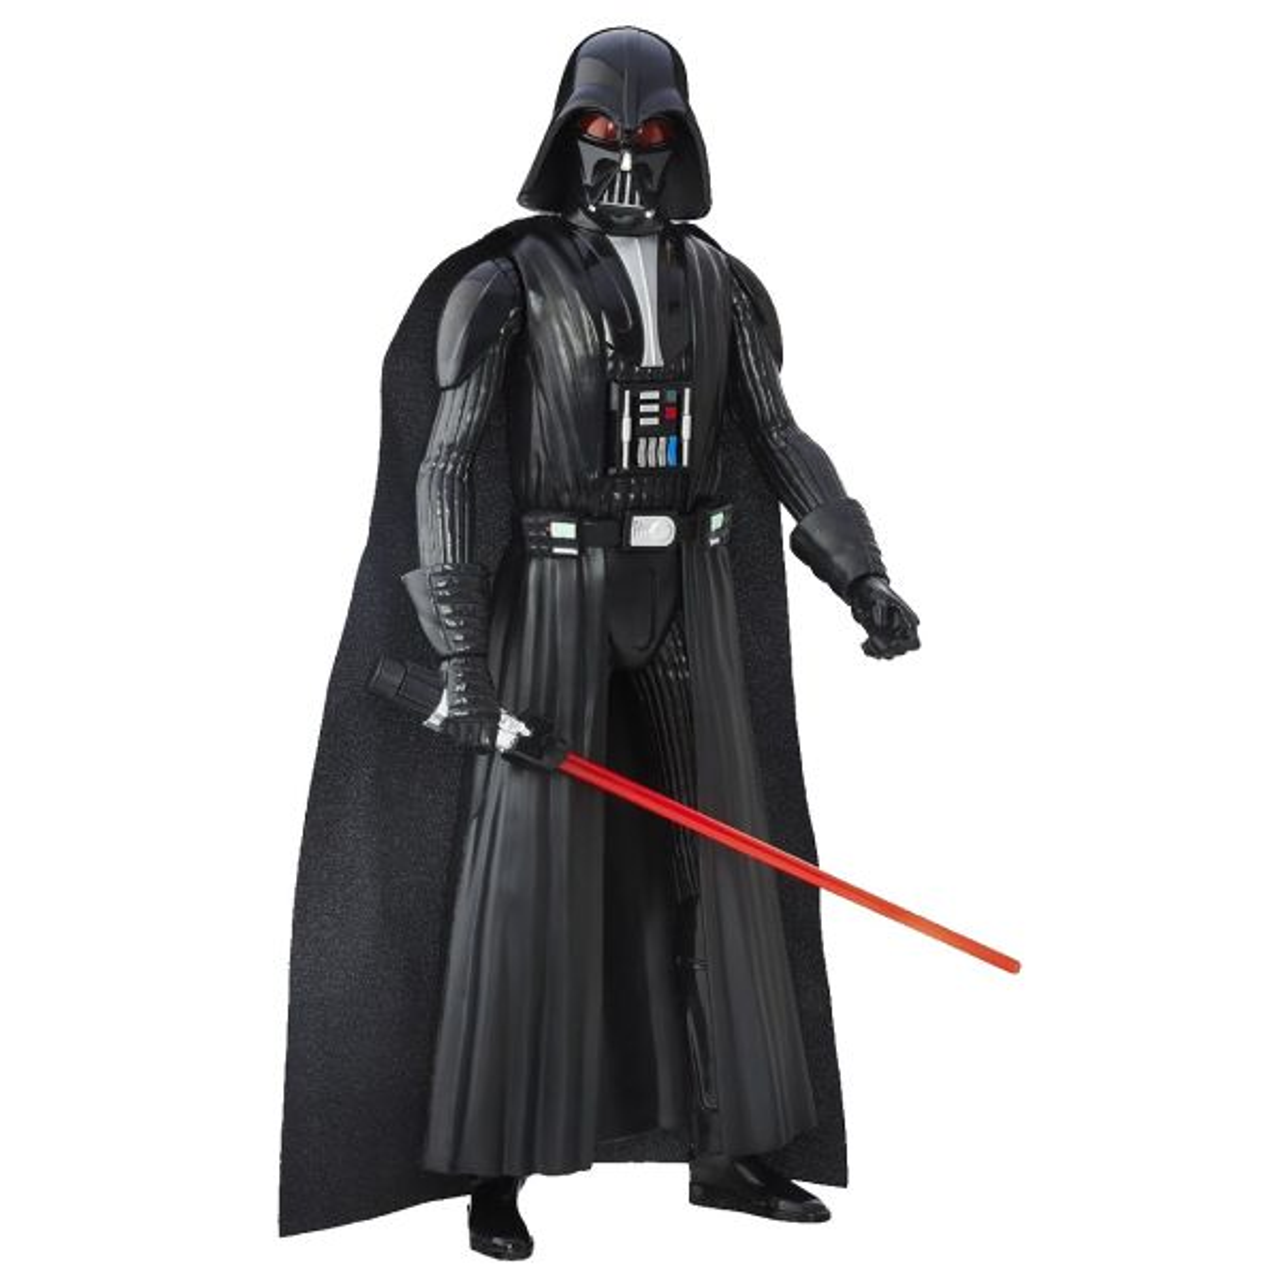 اکشن فیگور استاروارز  مدل Darth Vader